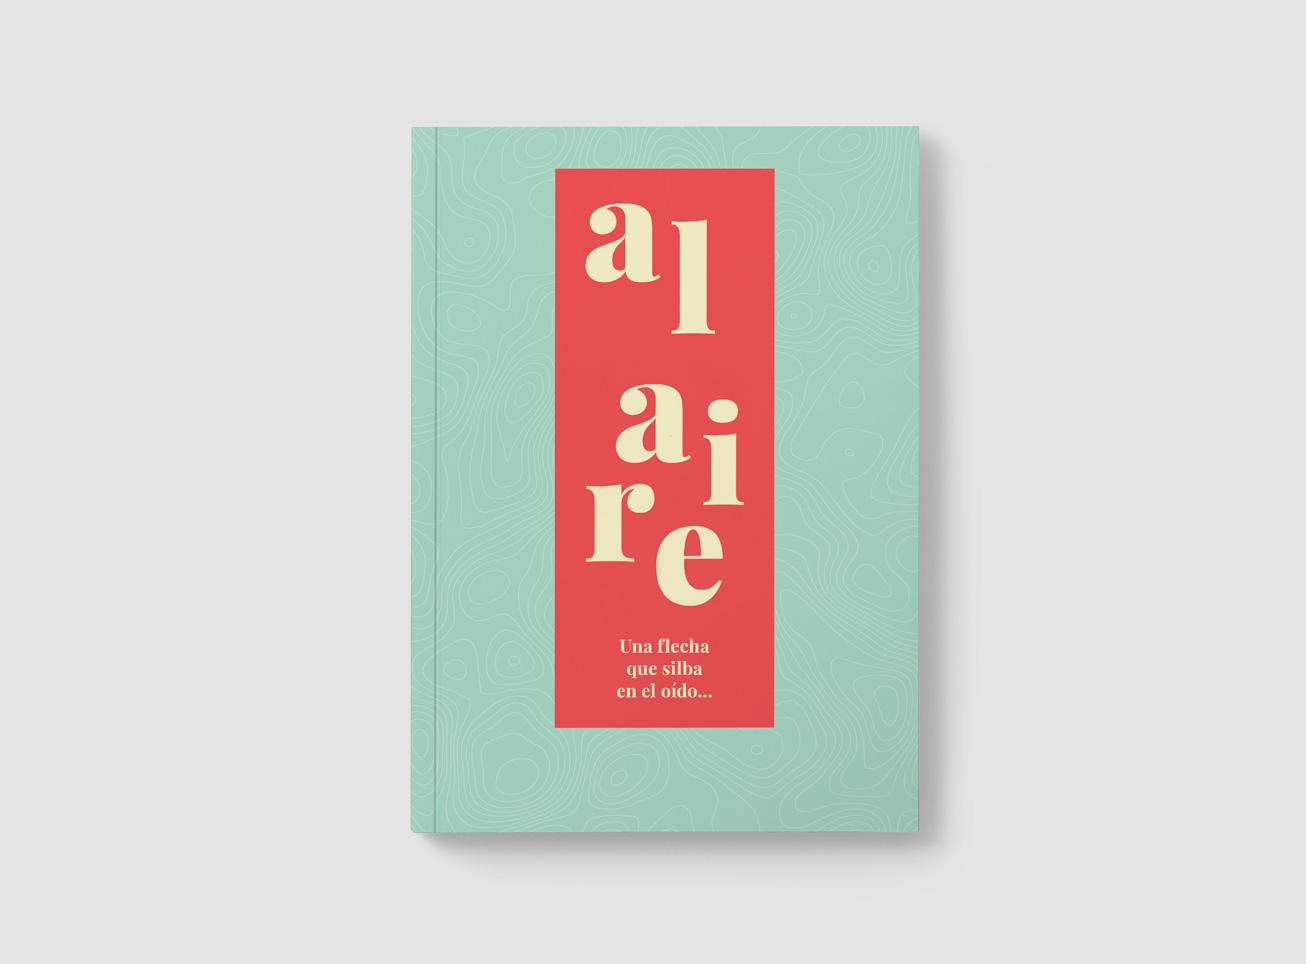 María-José-Arce-Catálogo-Al-Aire-00